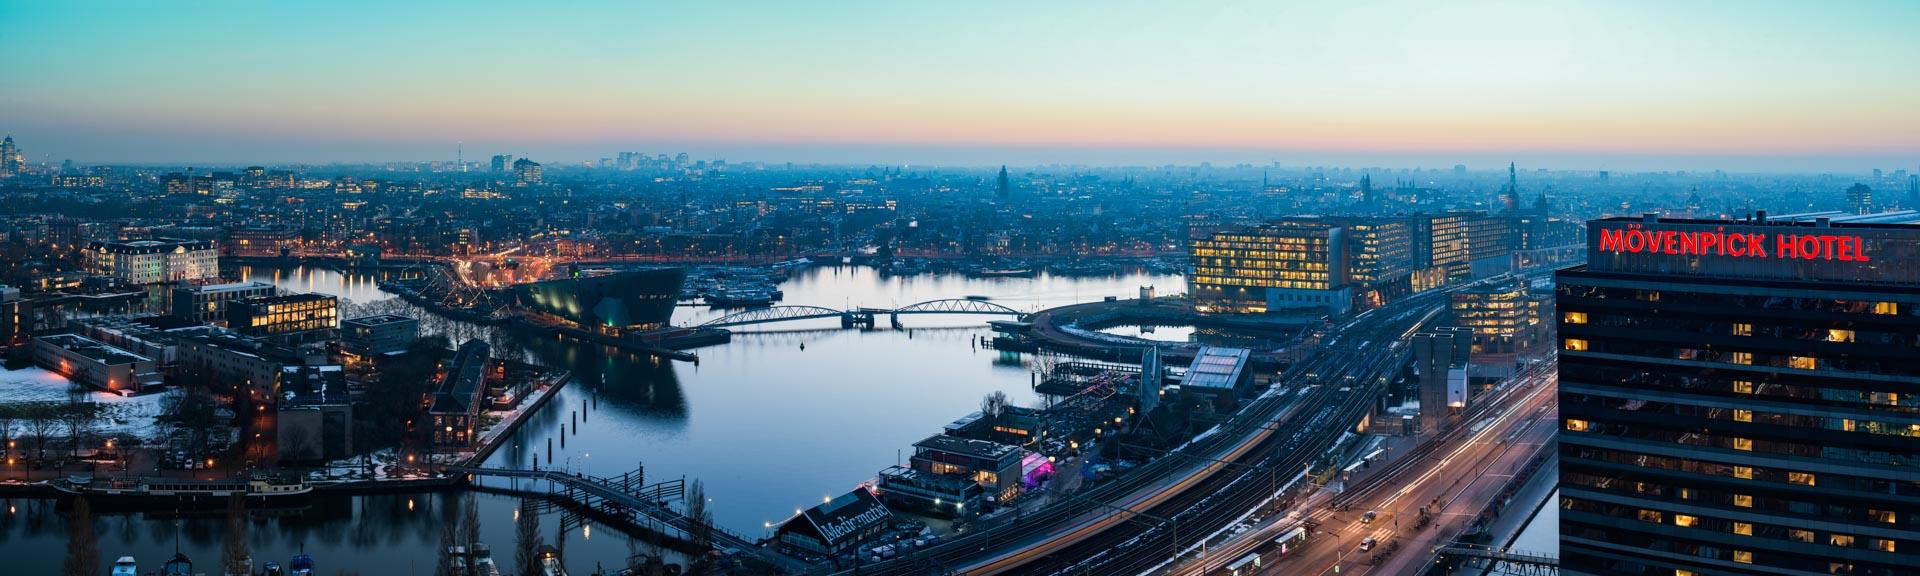 Oosterdokseiland-Amsterdam-avond-nachtfotografie